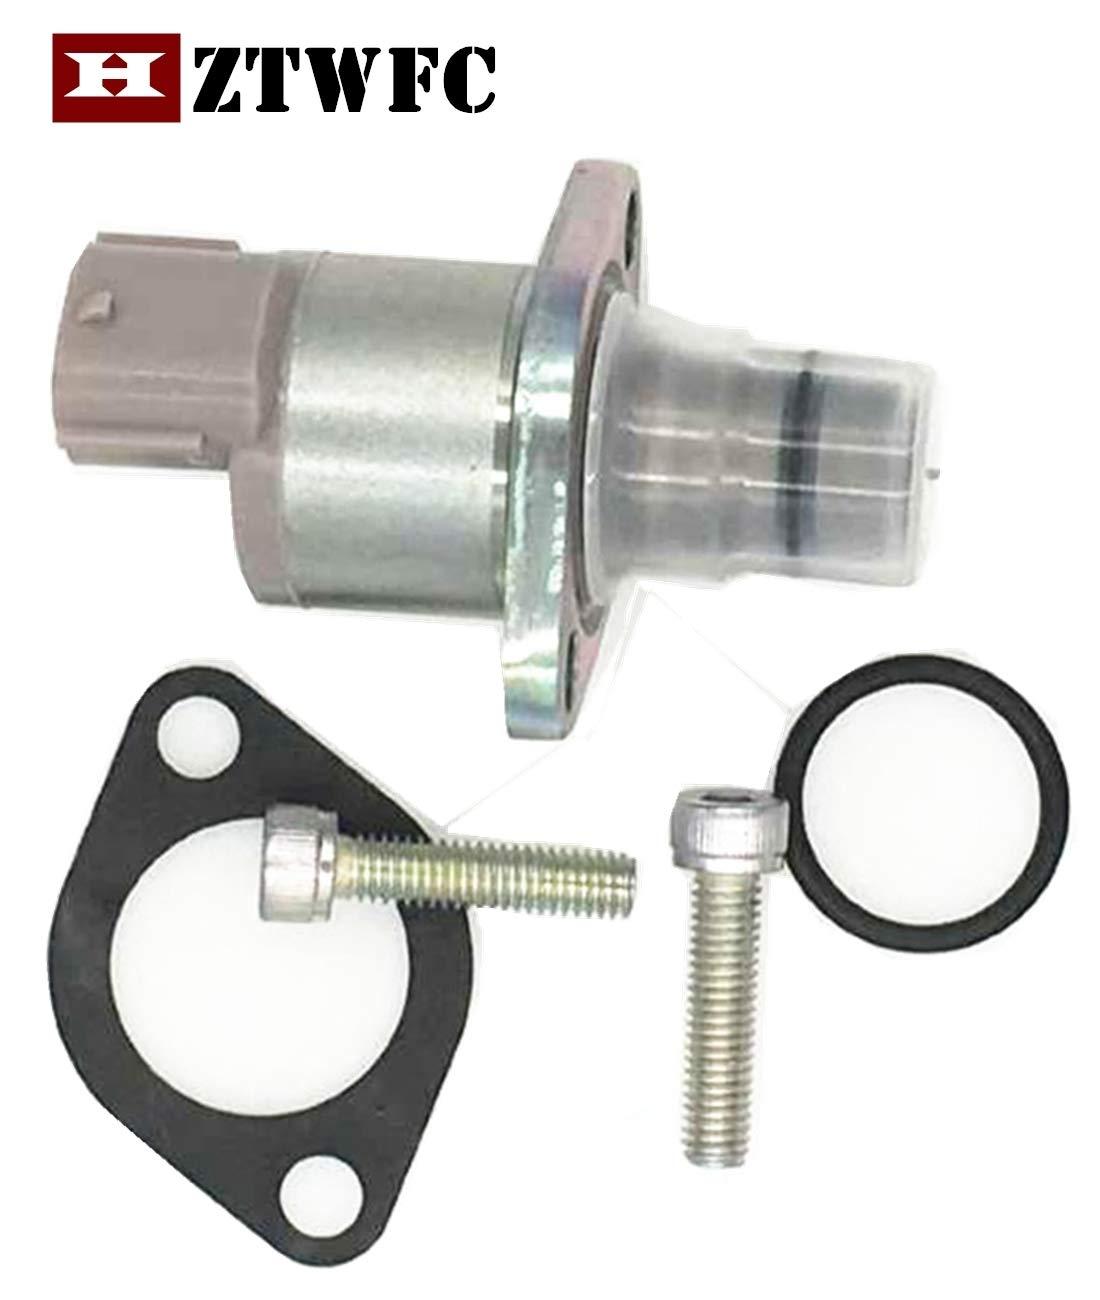 HZTWFC Regolatore della valvola di controllo della aspirazione della pompa del carburante per iniezione diesel OEM # 1460A031 1460A037